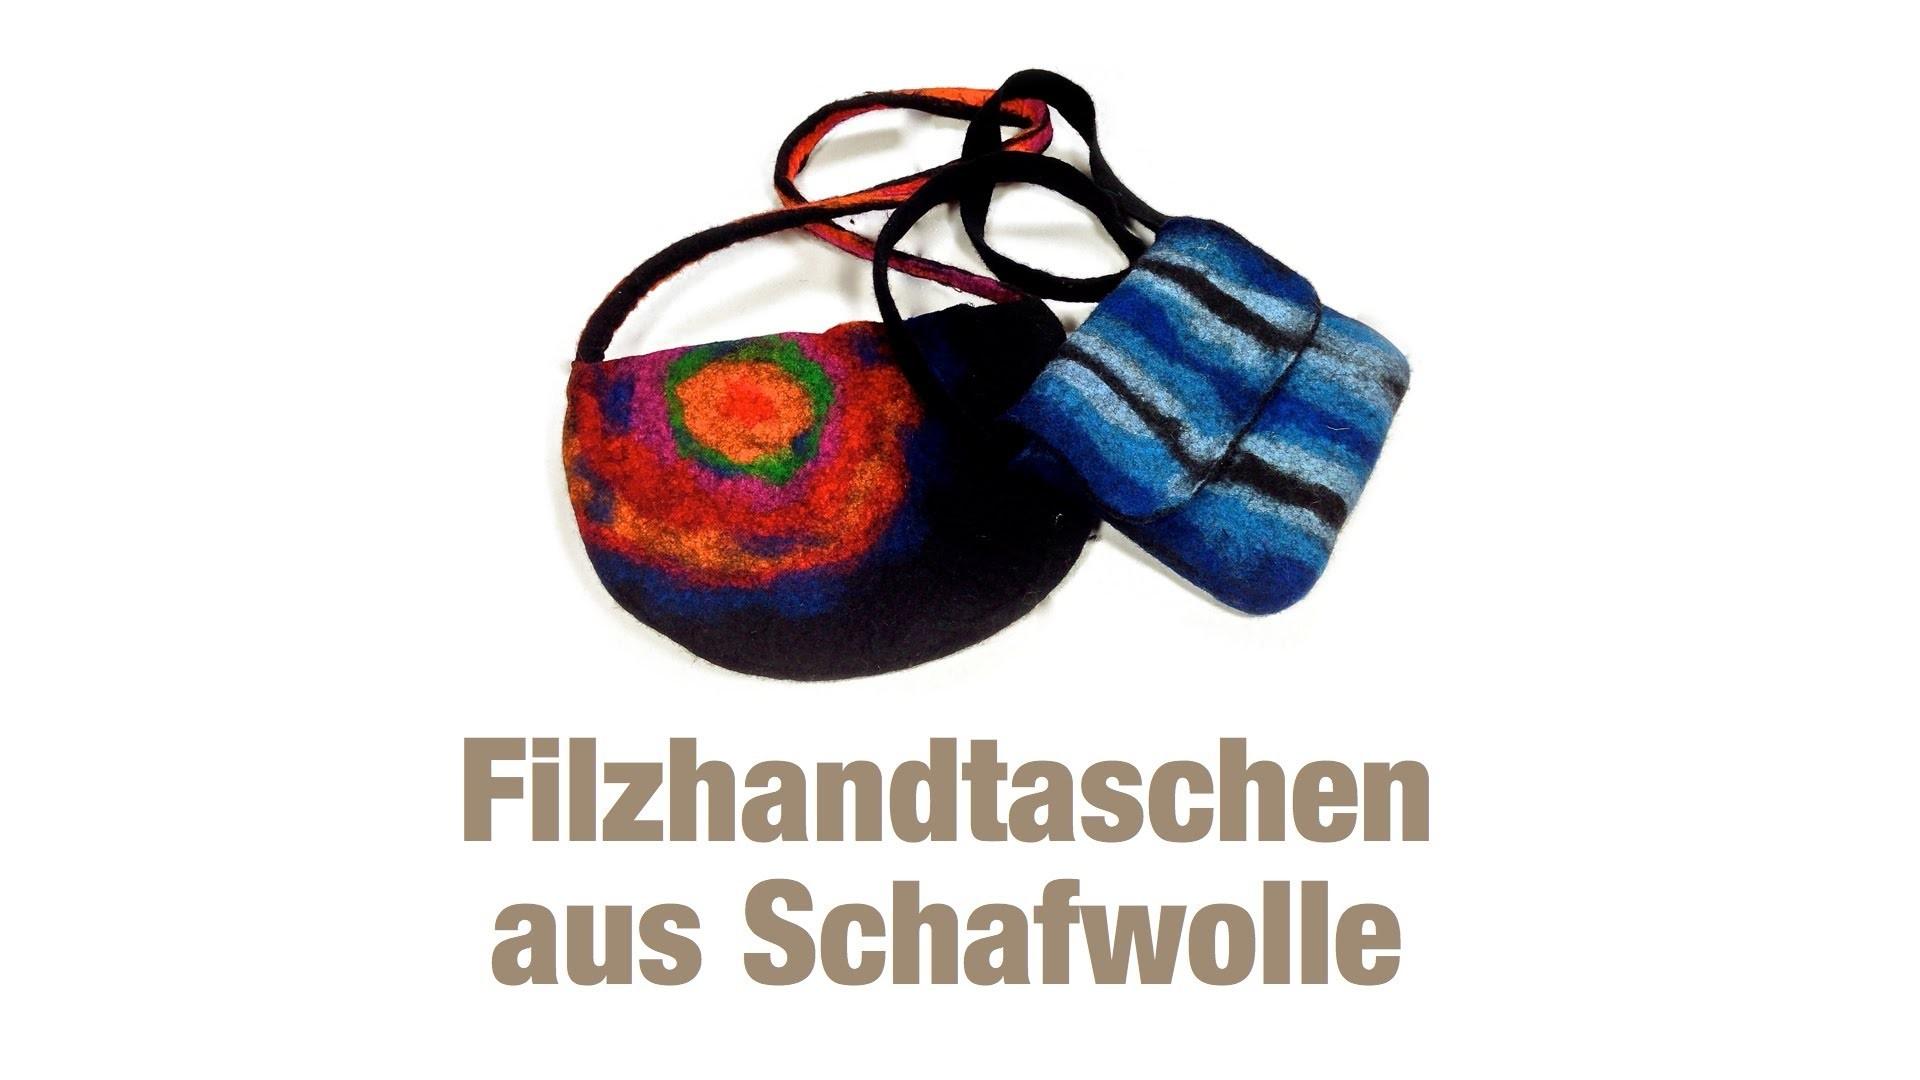 Filztasche (Felt Bag) - Anleitung zum Nassfilzen von filzpackerl.at (9)